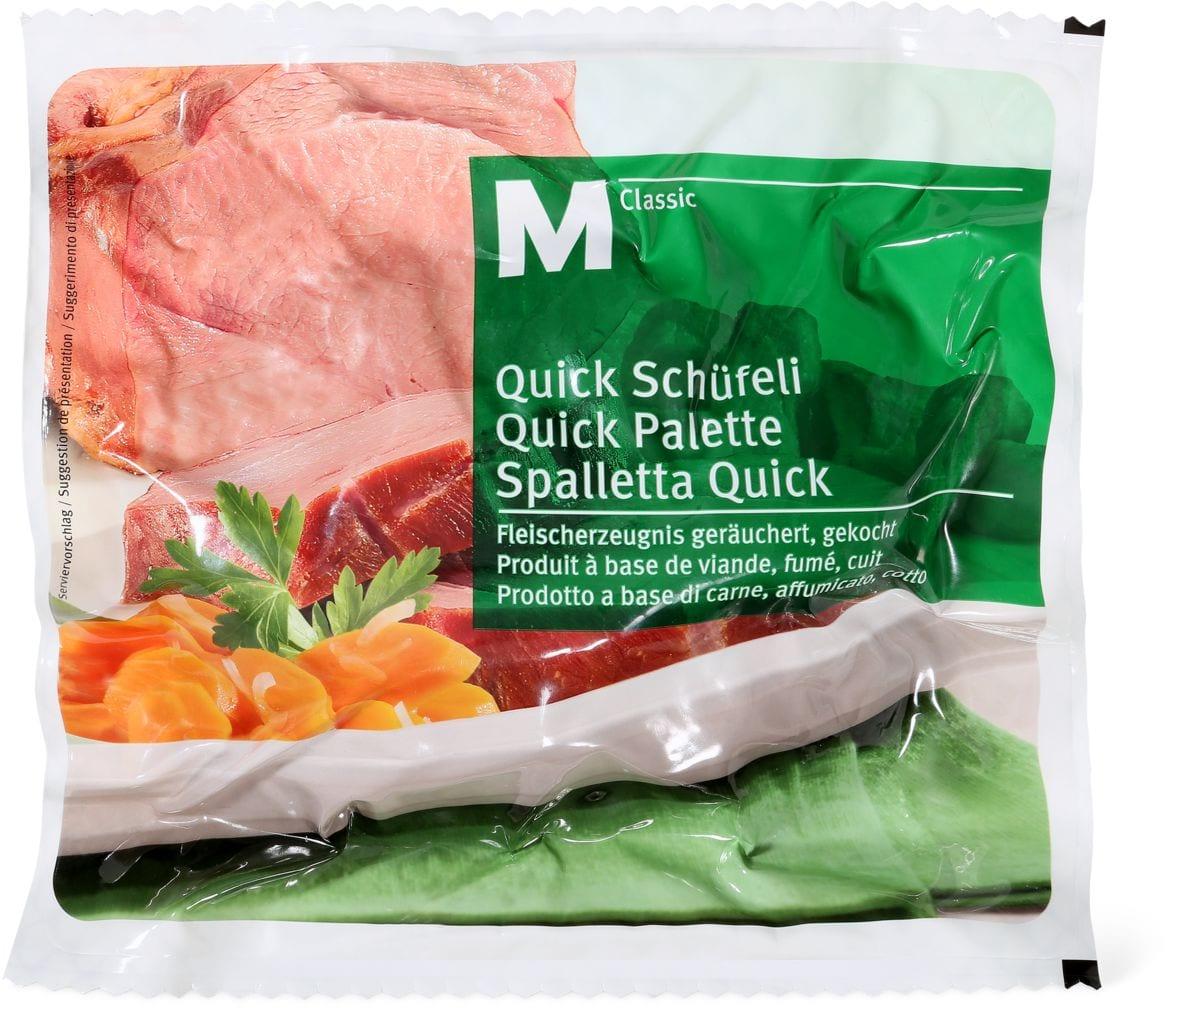 M-Classic Quick Schüfeli geräuchert, gekocht